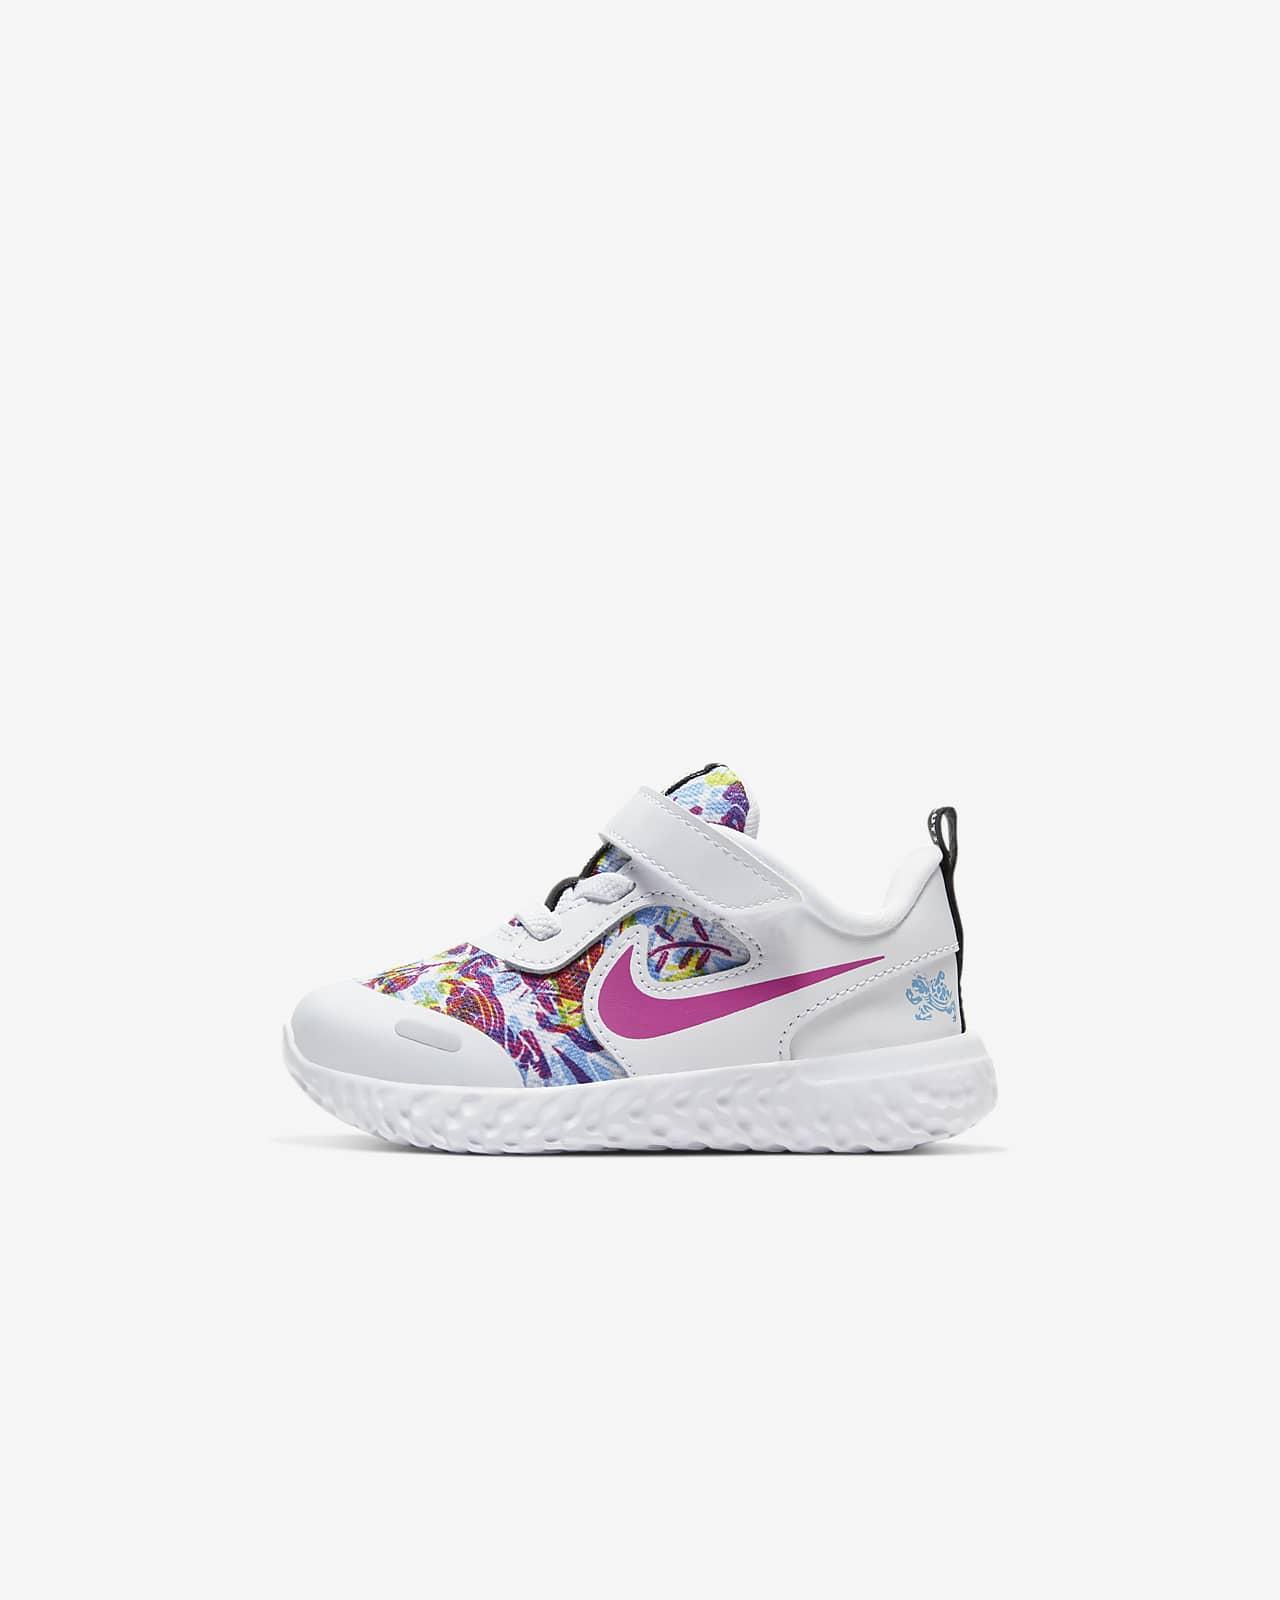 Chaussure Nike Revolution 5 Fable pour BébéPetit enfant